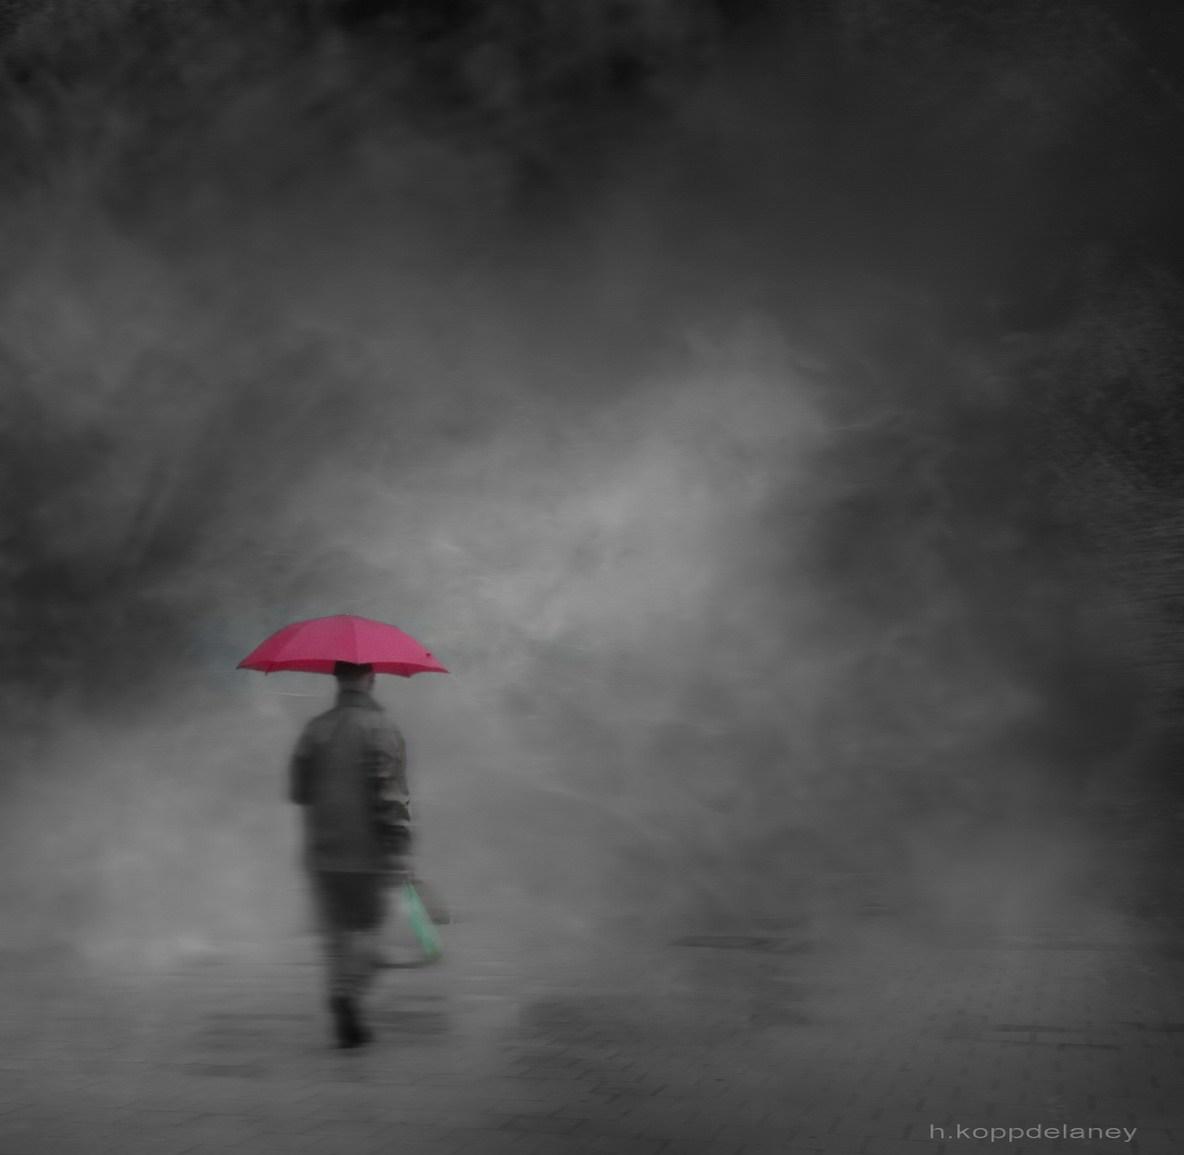 Éjsötét tömegben rózsaszín esernyő